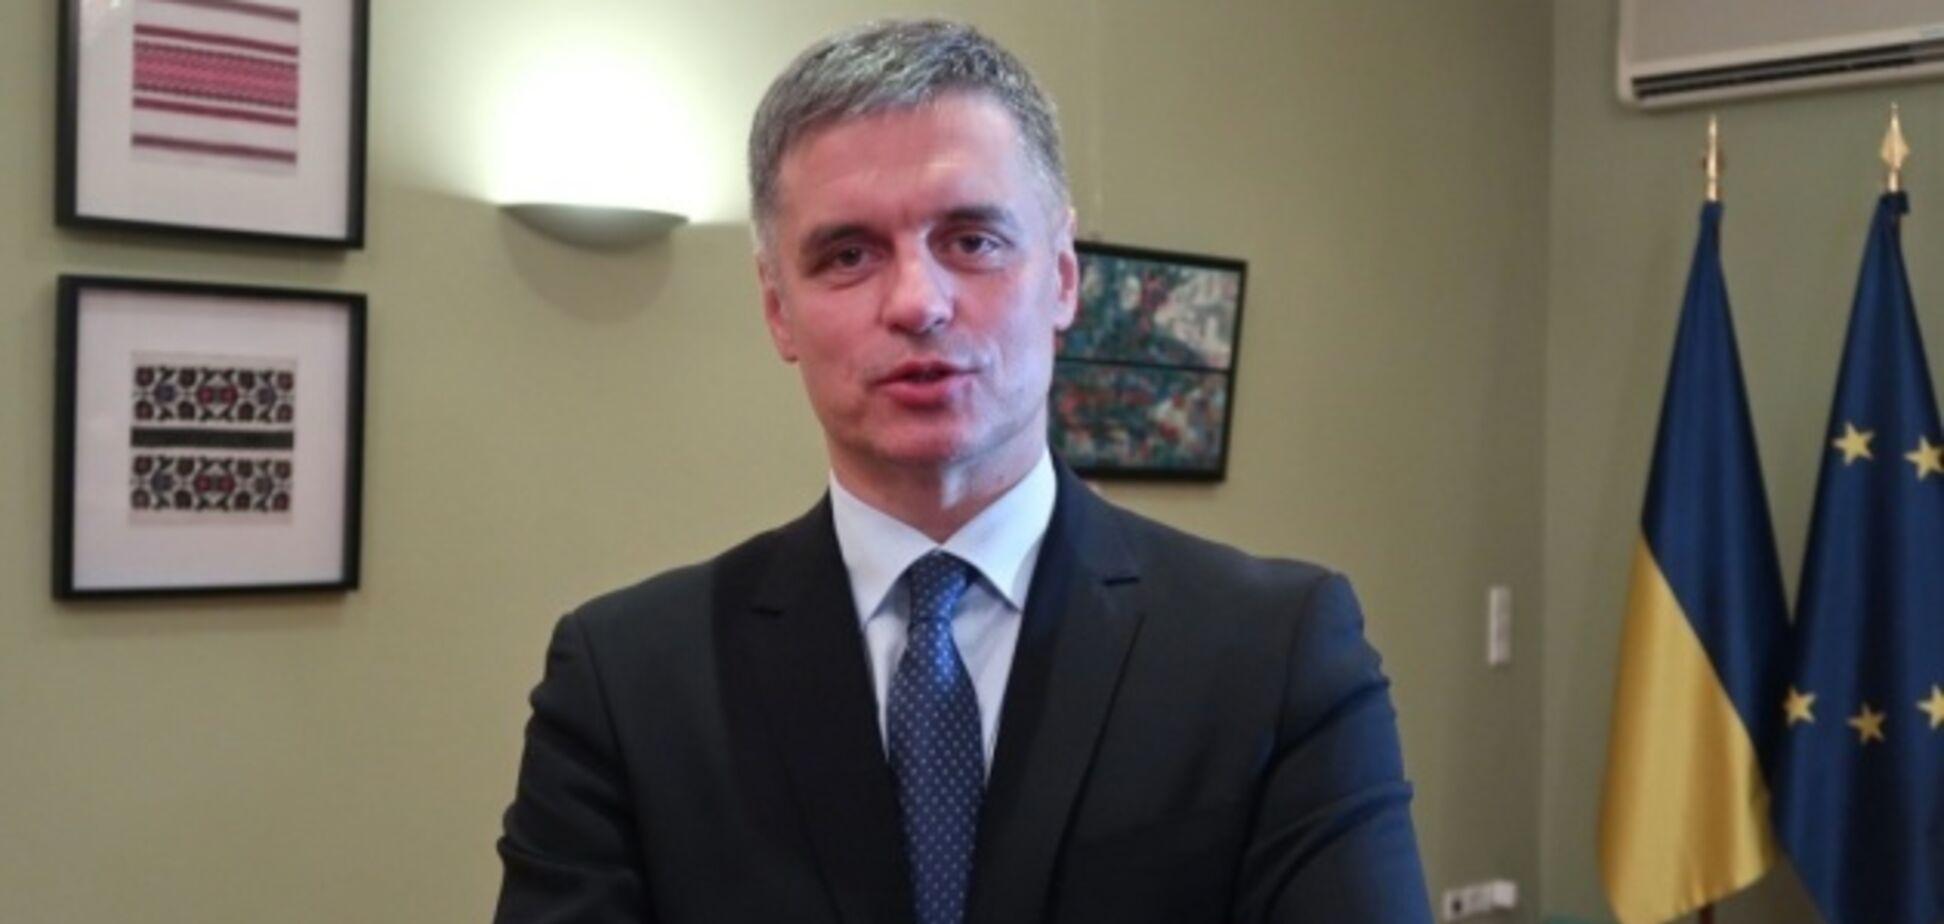 Вибори на Донбасі: Пристайко пояснив скандальну ініціативу